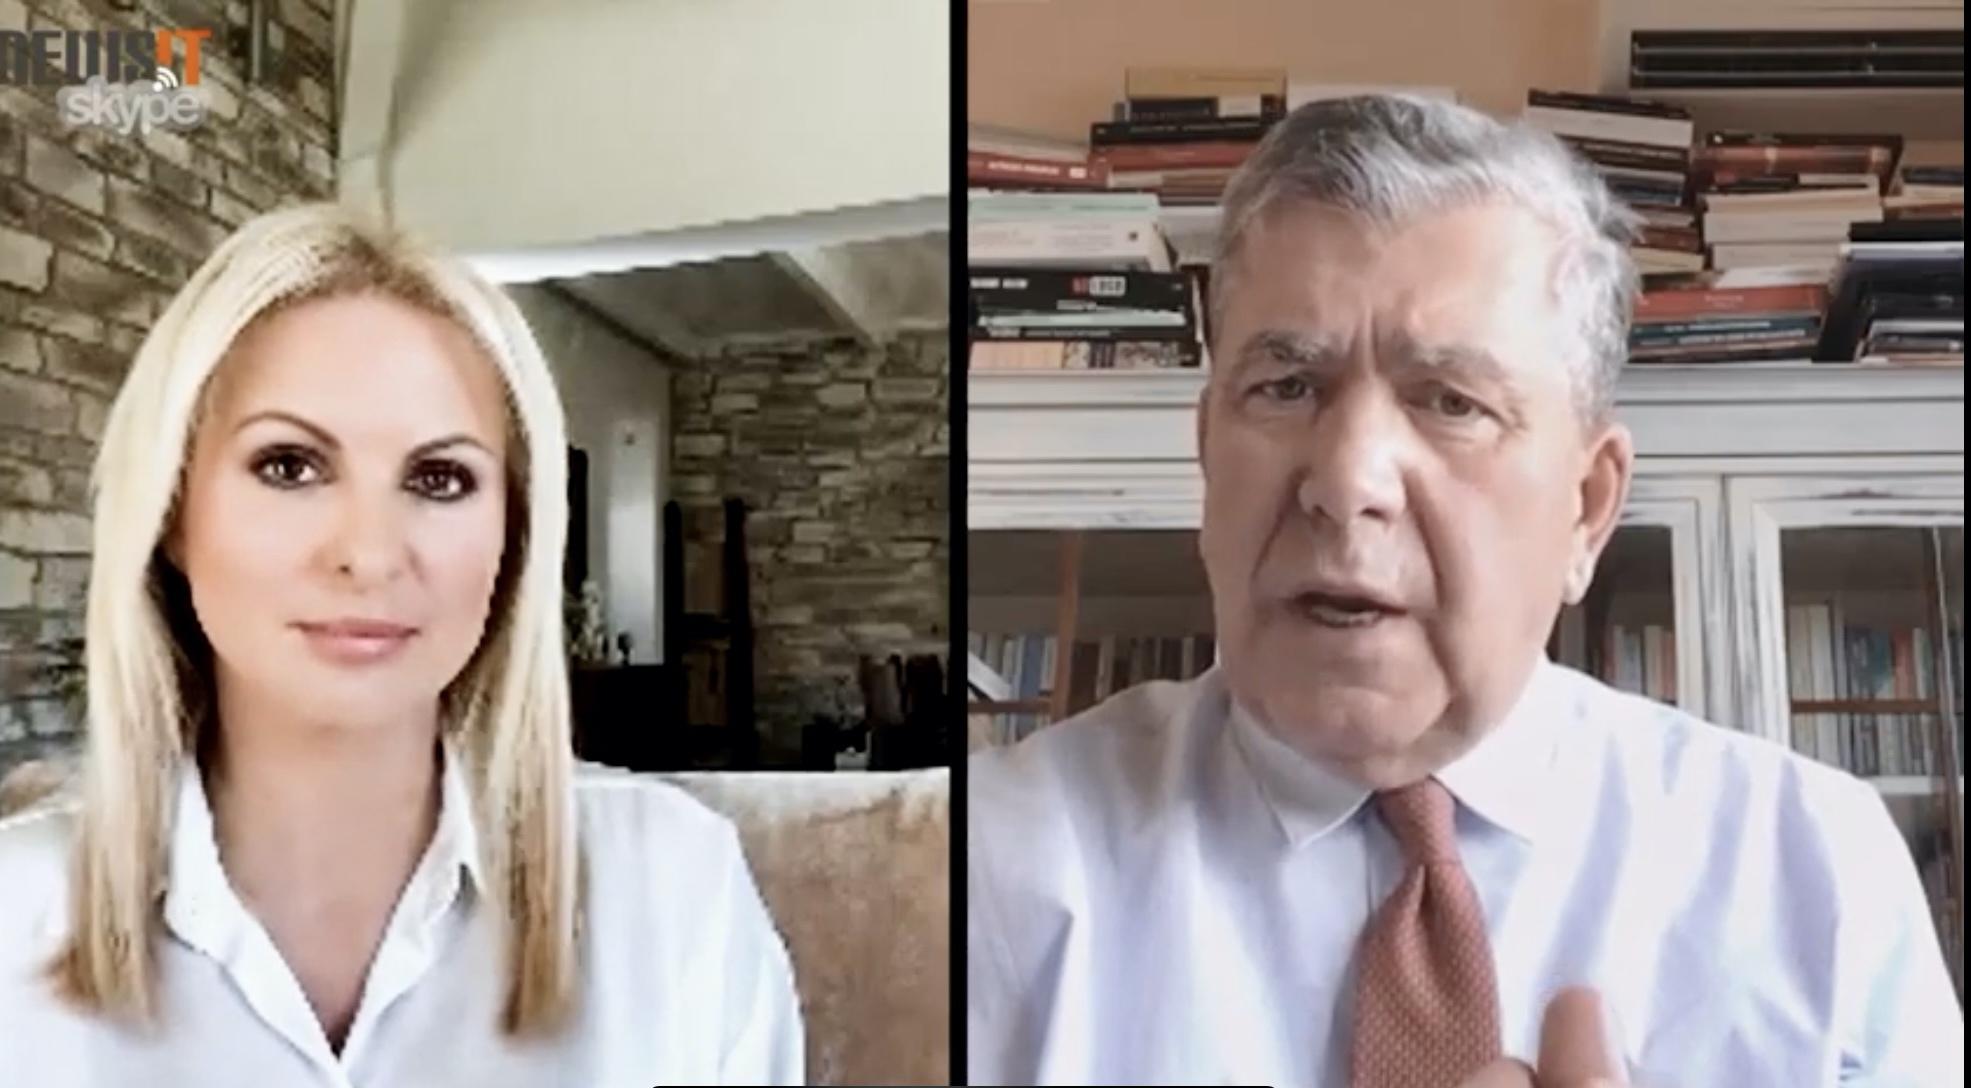 Μητρόπουλος στο newsit.gr: Ο κορονοϊός αλλάζει τα πάντα στα εργασιακά – Όλα όσα πρέπει να ξέρουν οι εργαζόμενοι